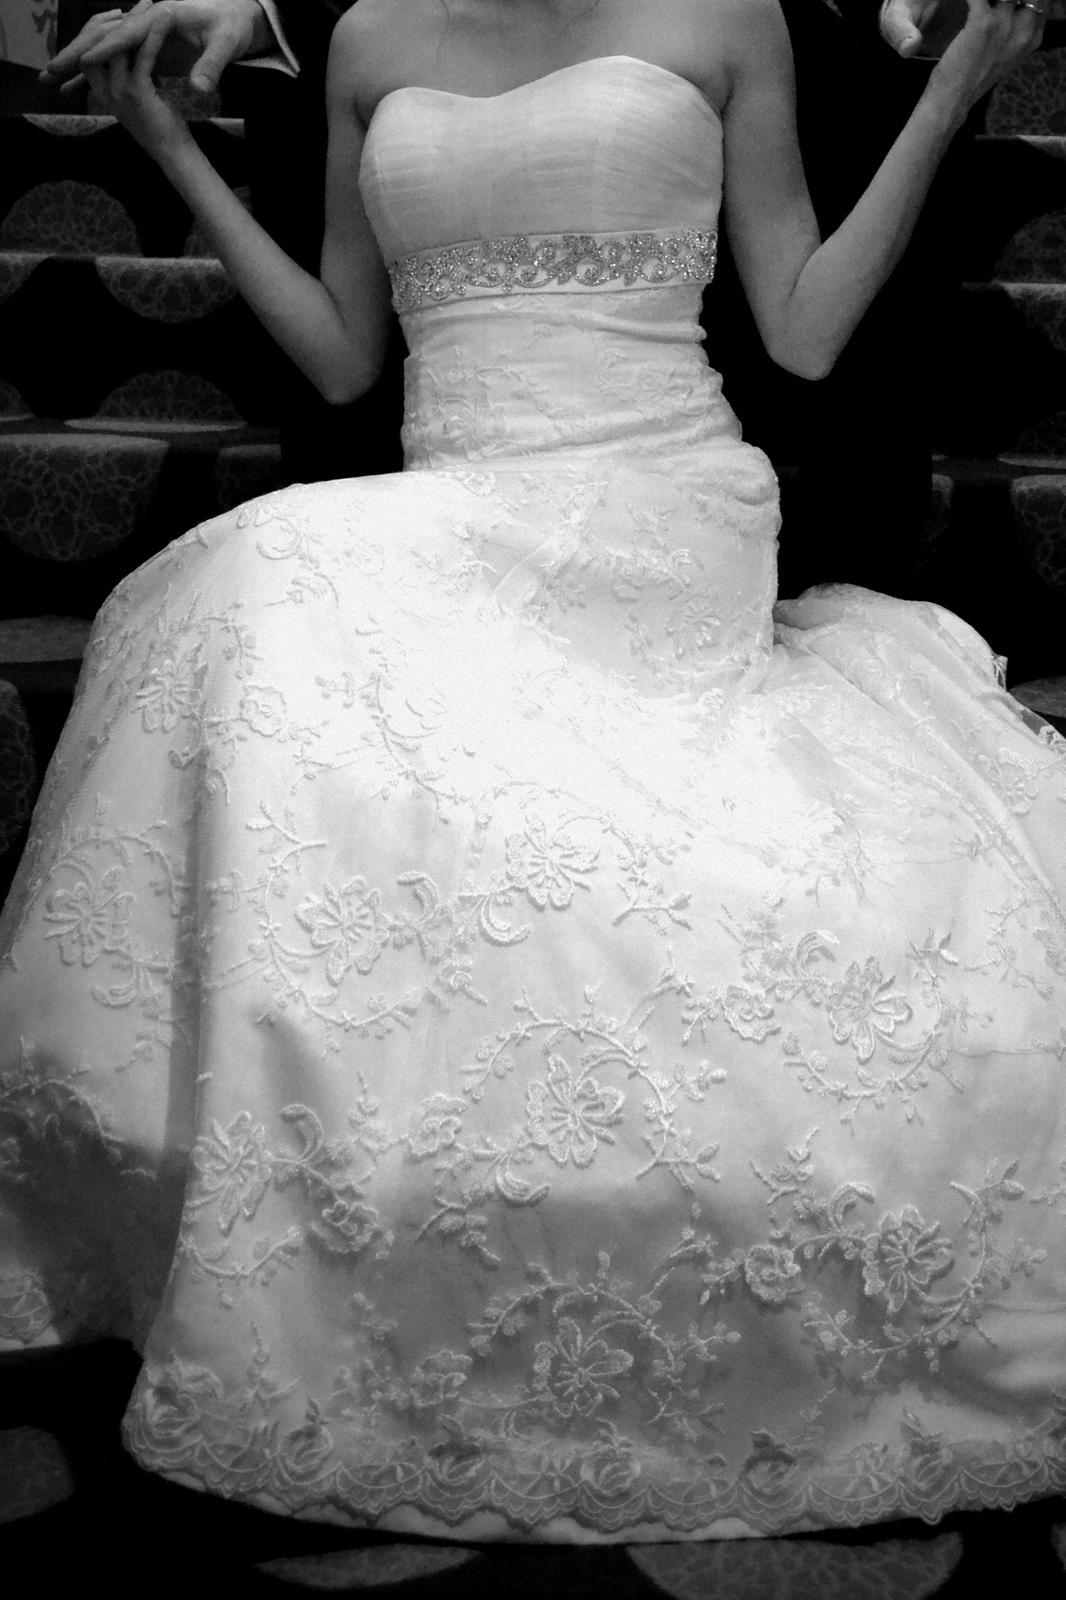 Čipkované svadobné šaty + darček (závoj,bolerko) - Obrázok č. 1